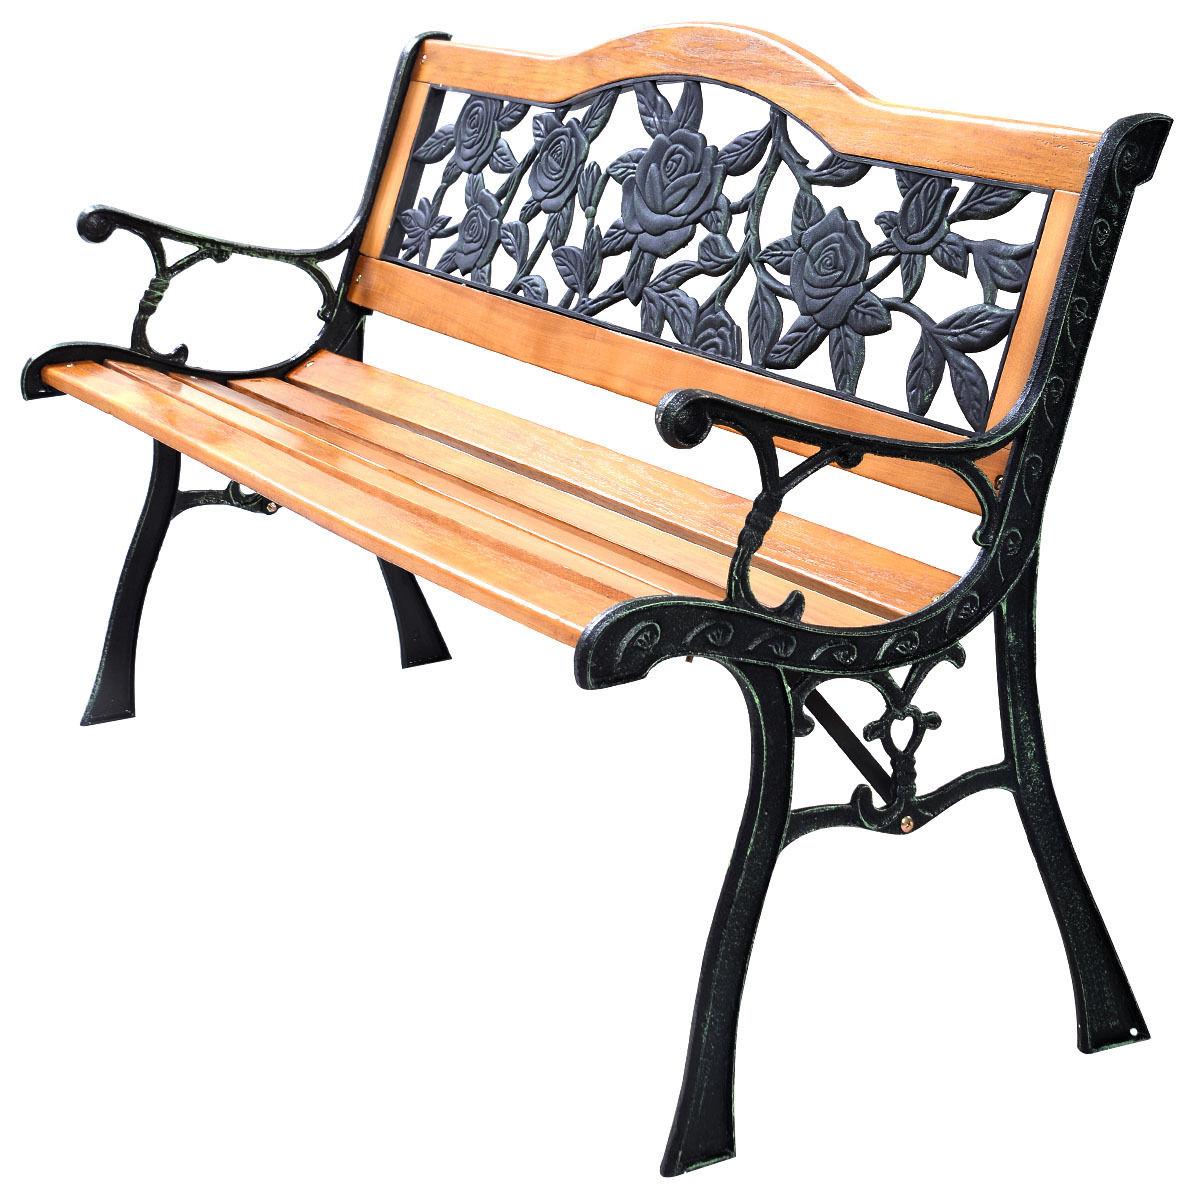 Park Garden Iron Hardwood Furniture Bench Porch Path Chair